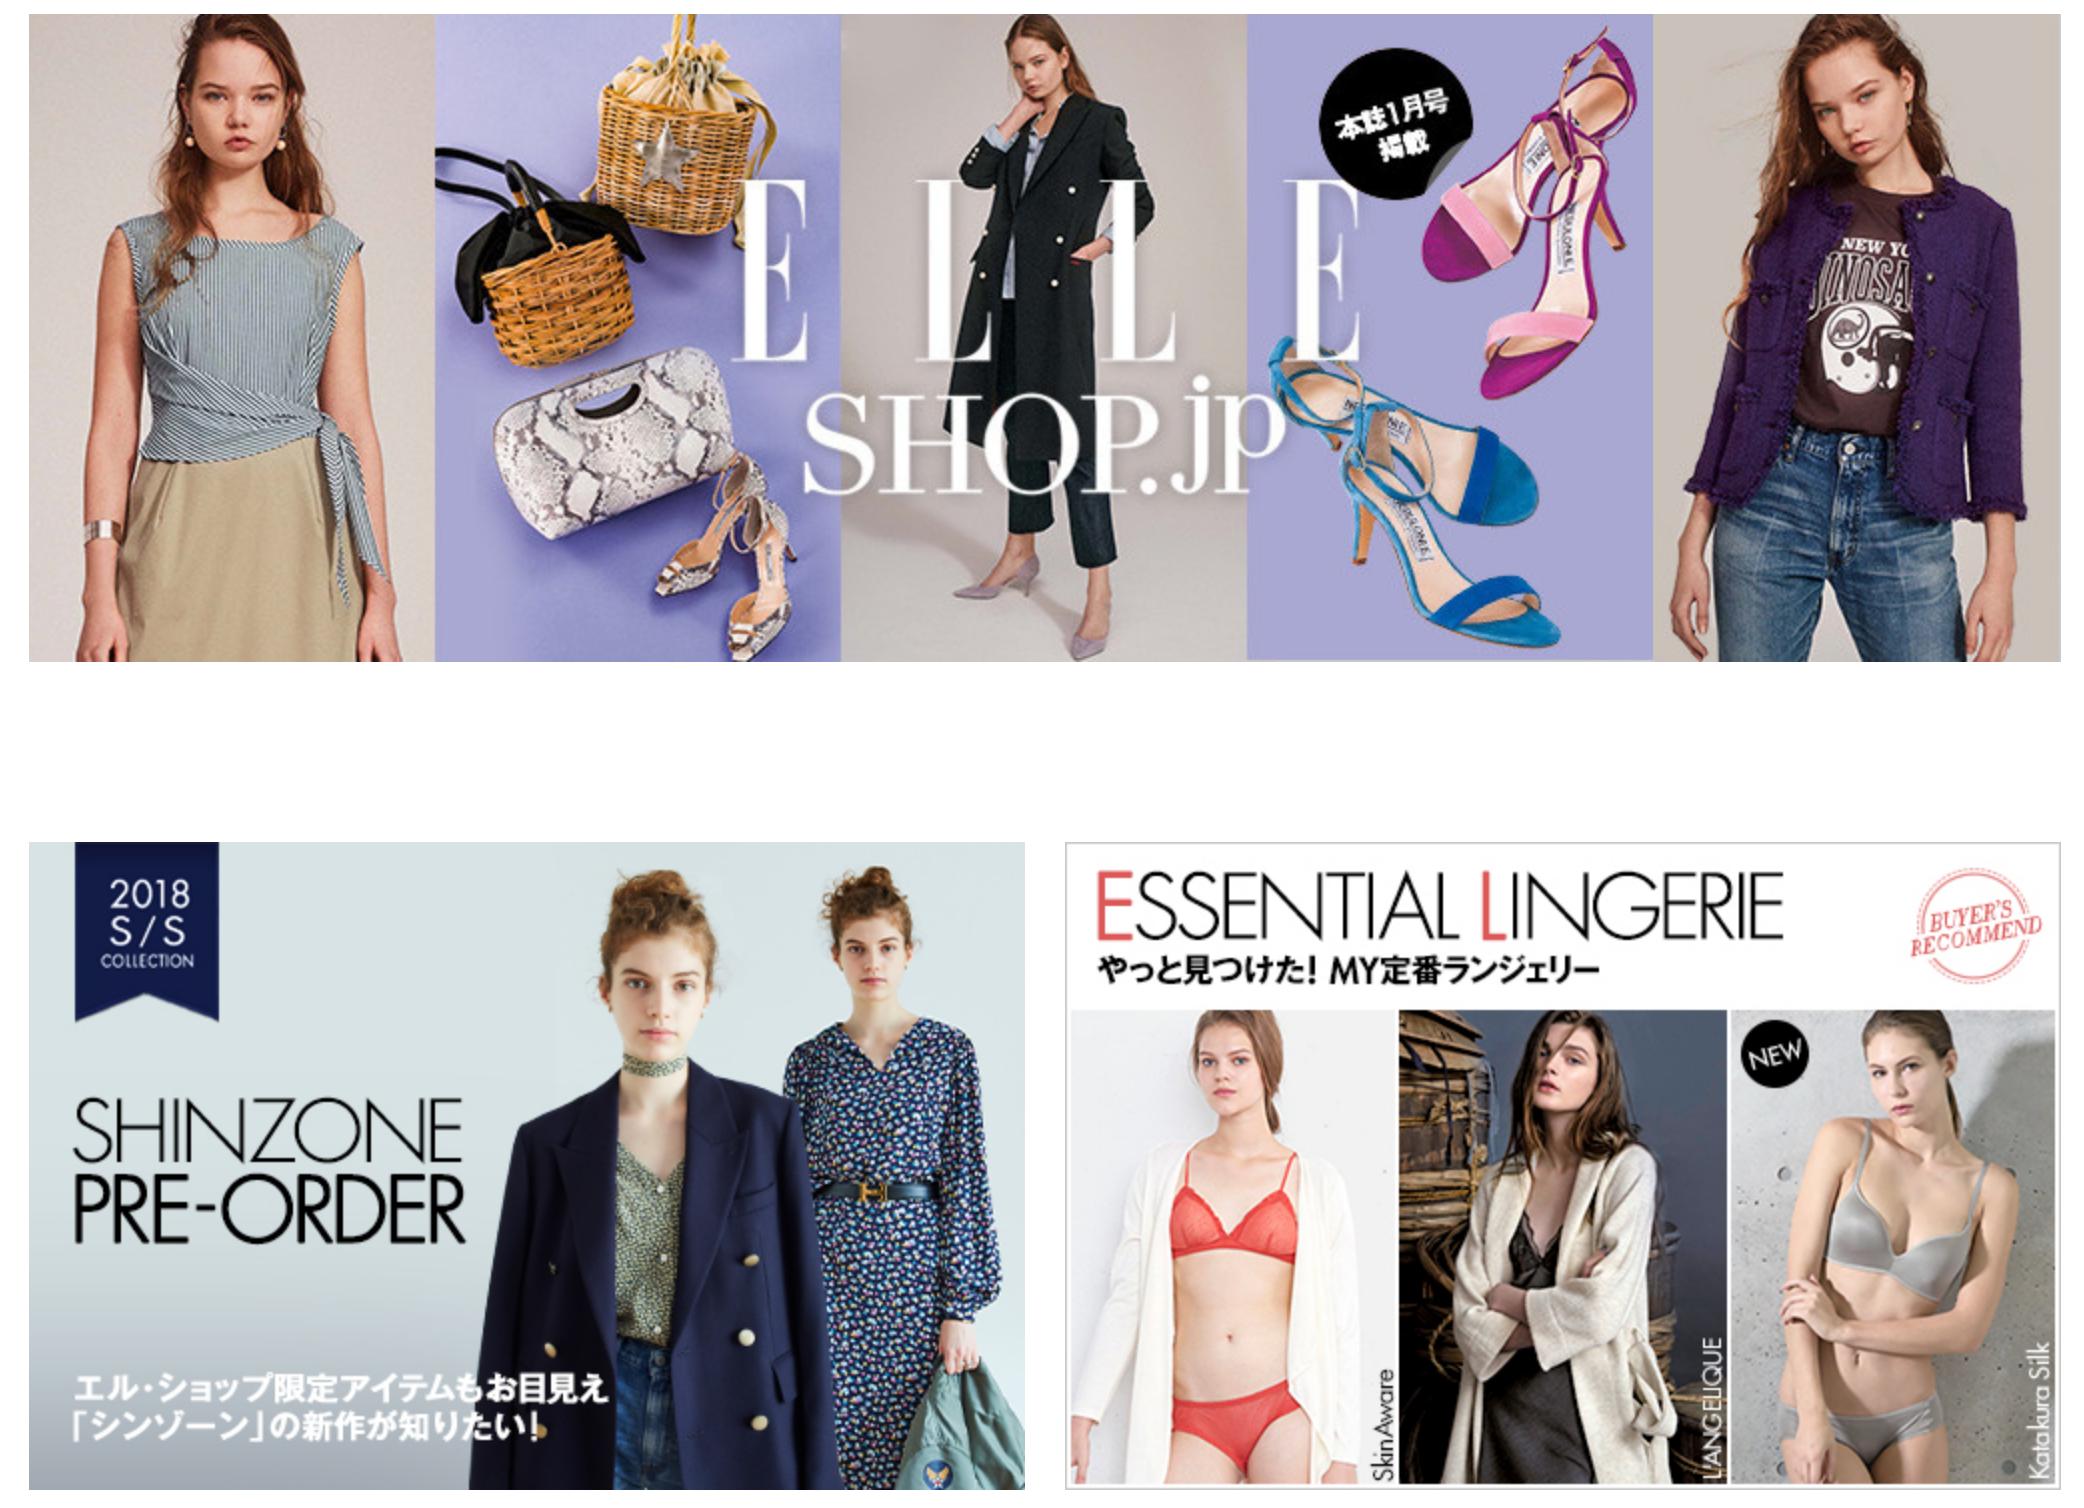 トレンドママにも好かれるオモチャ『ELLE』ファッション